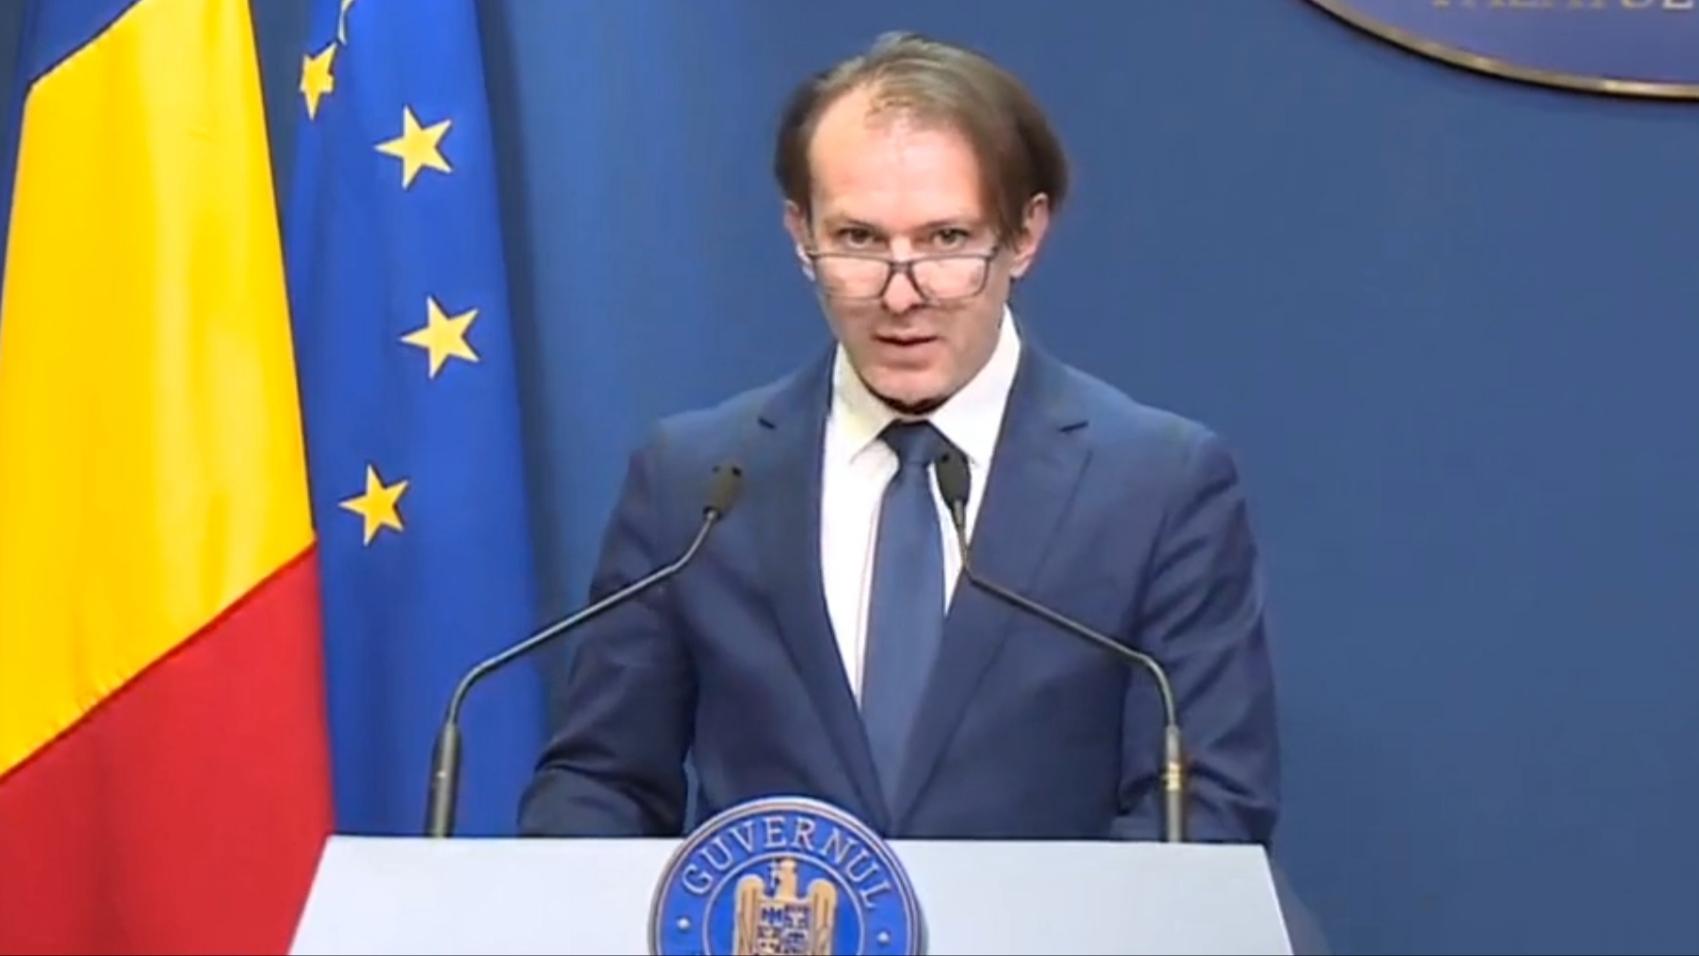 Video | Plata ratelor se suspendă pe o perioadă de până la 9 luni, dar nu mai mult de 31 decembrie 2020